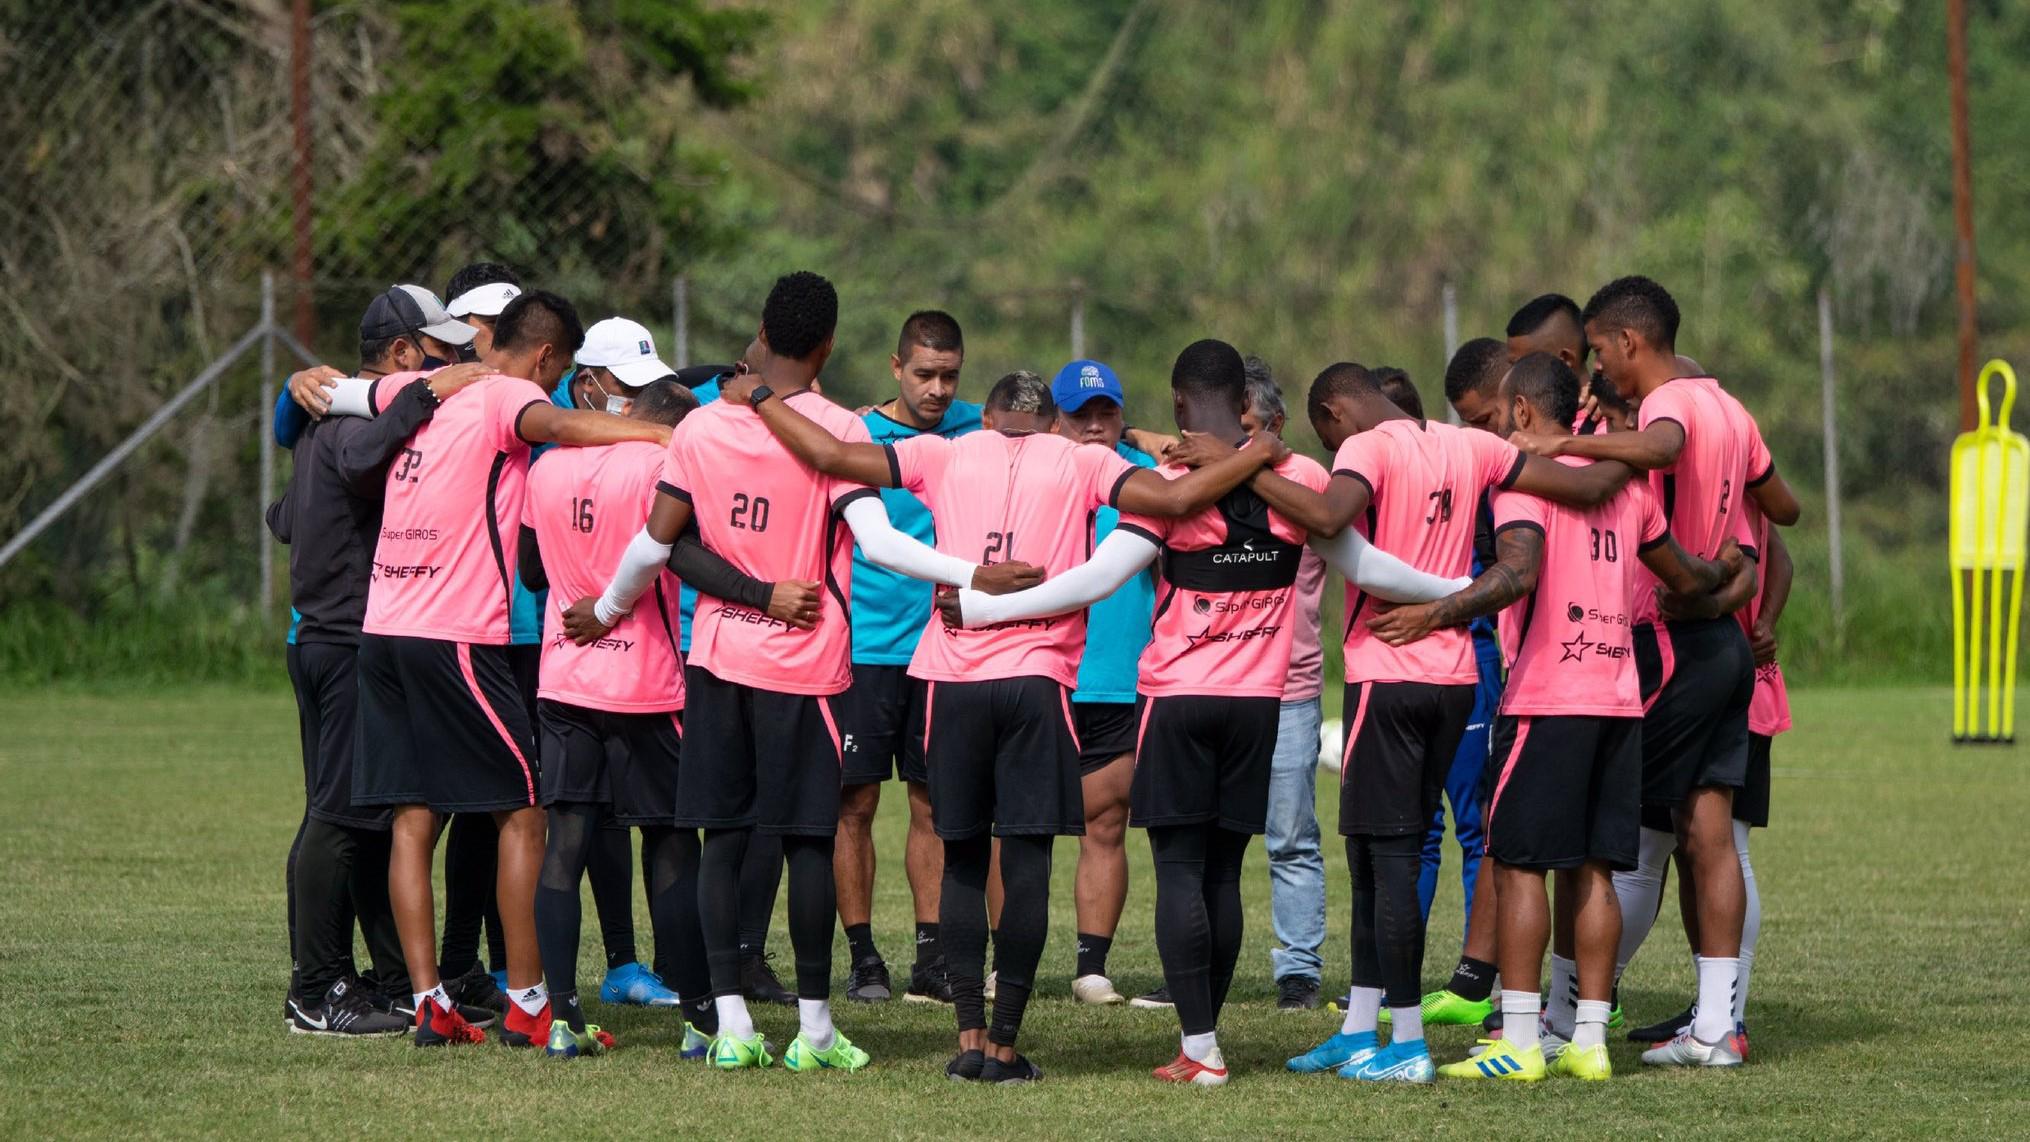 Grupo Pachuca Everton de chile